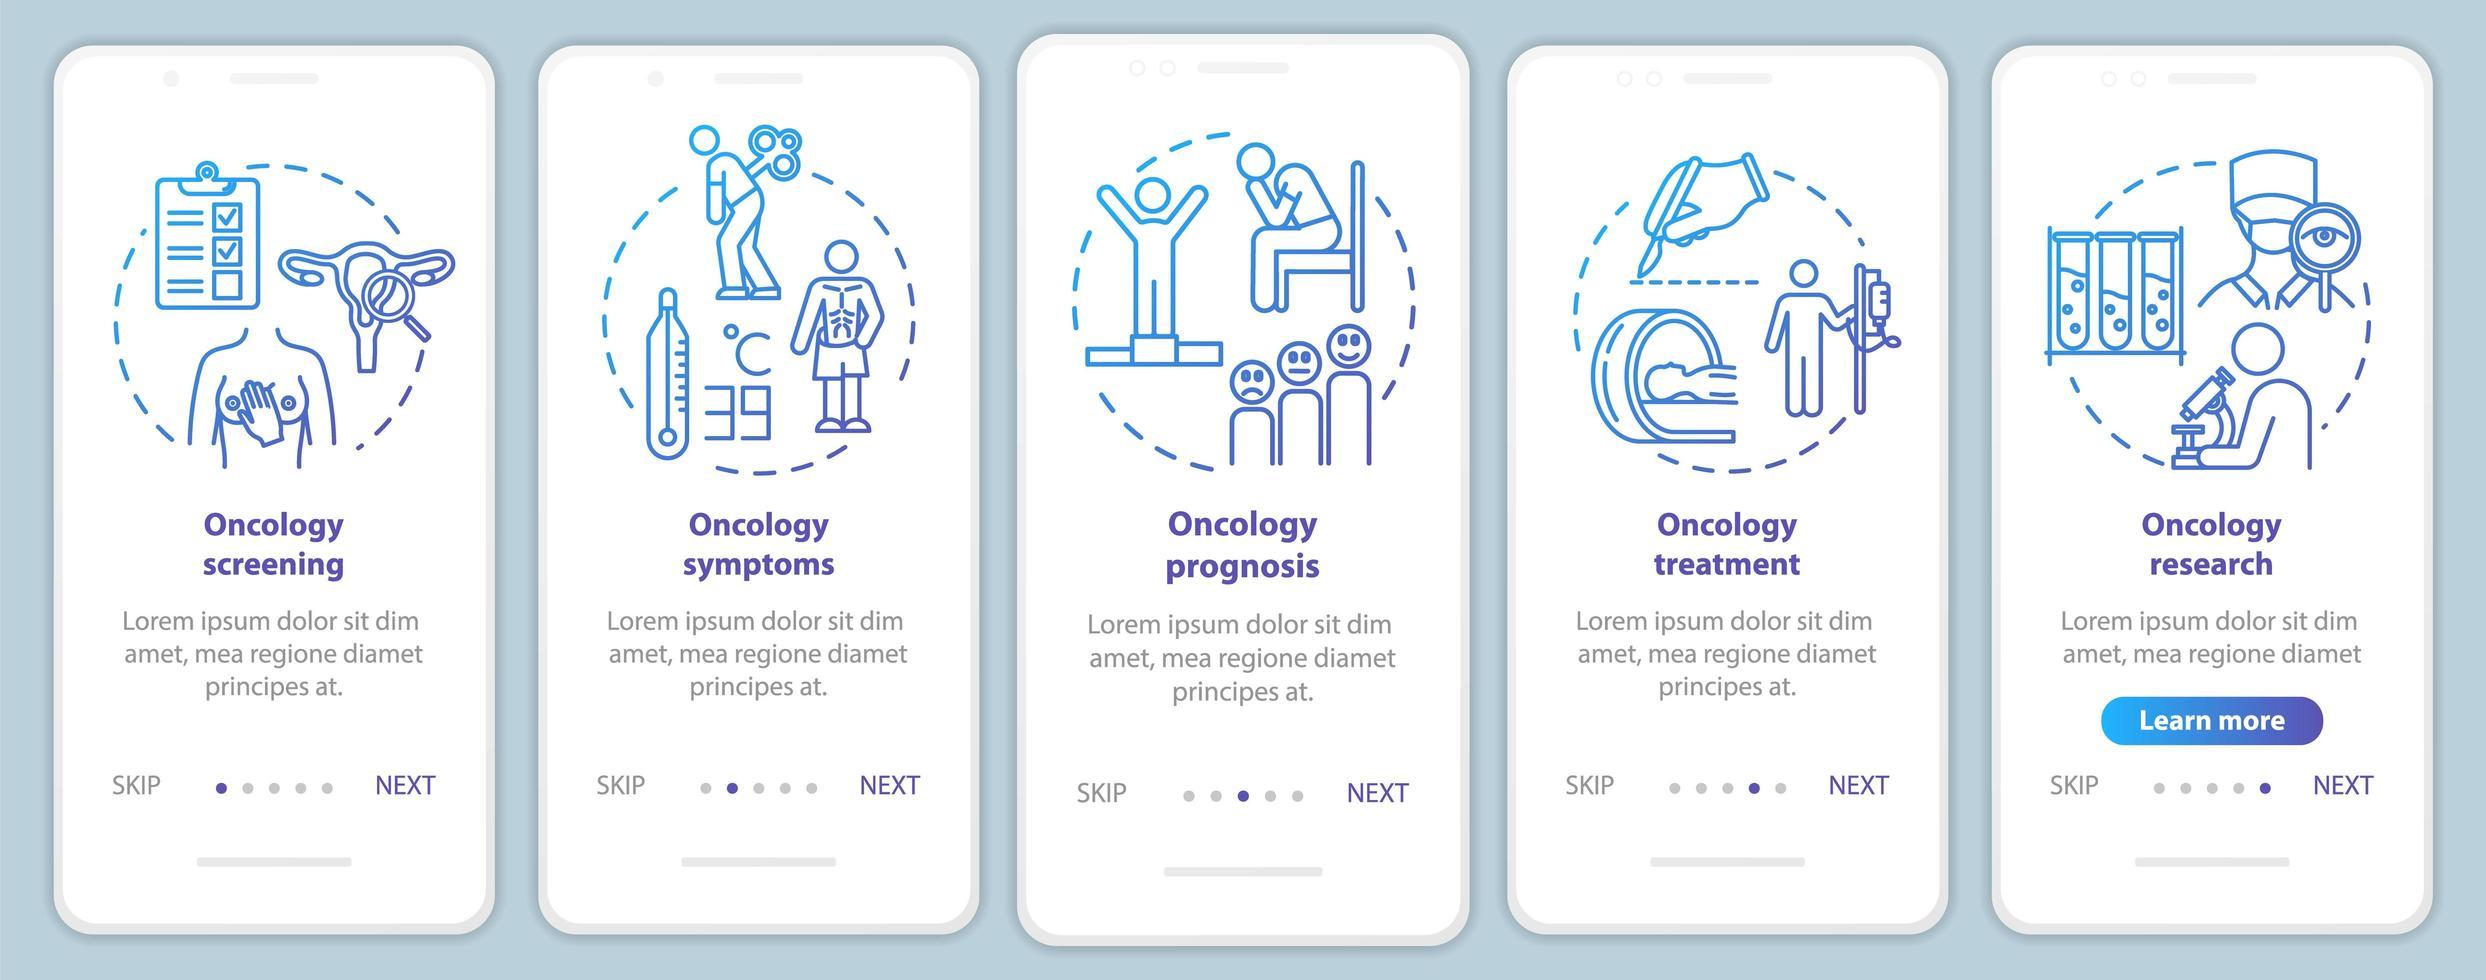 pantalla de la página de la aplicación móvil oncology onboarding vector